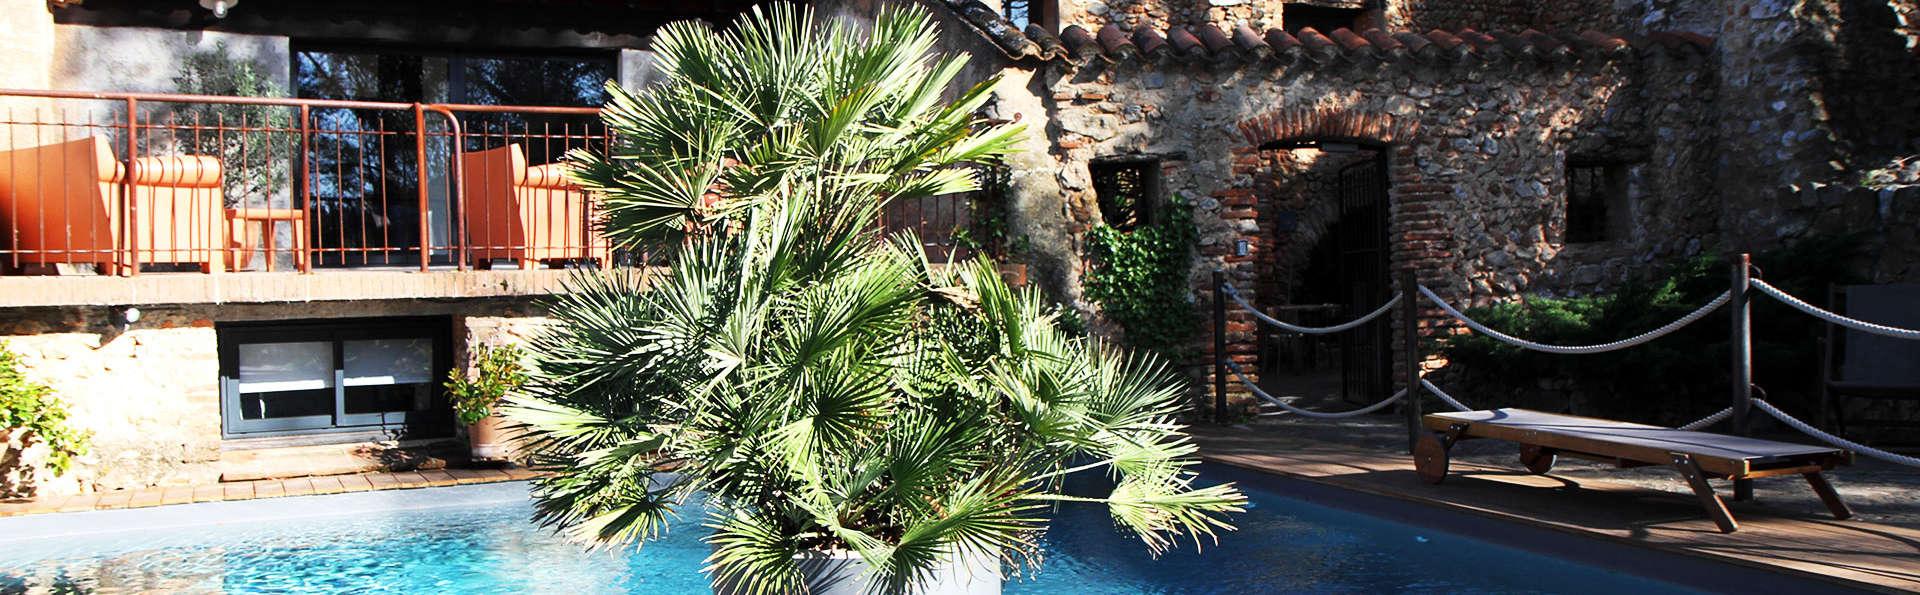 Expérience inoubliable dans un ancien mas catalan près de Perpignan